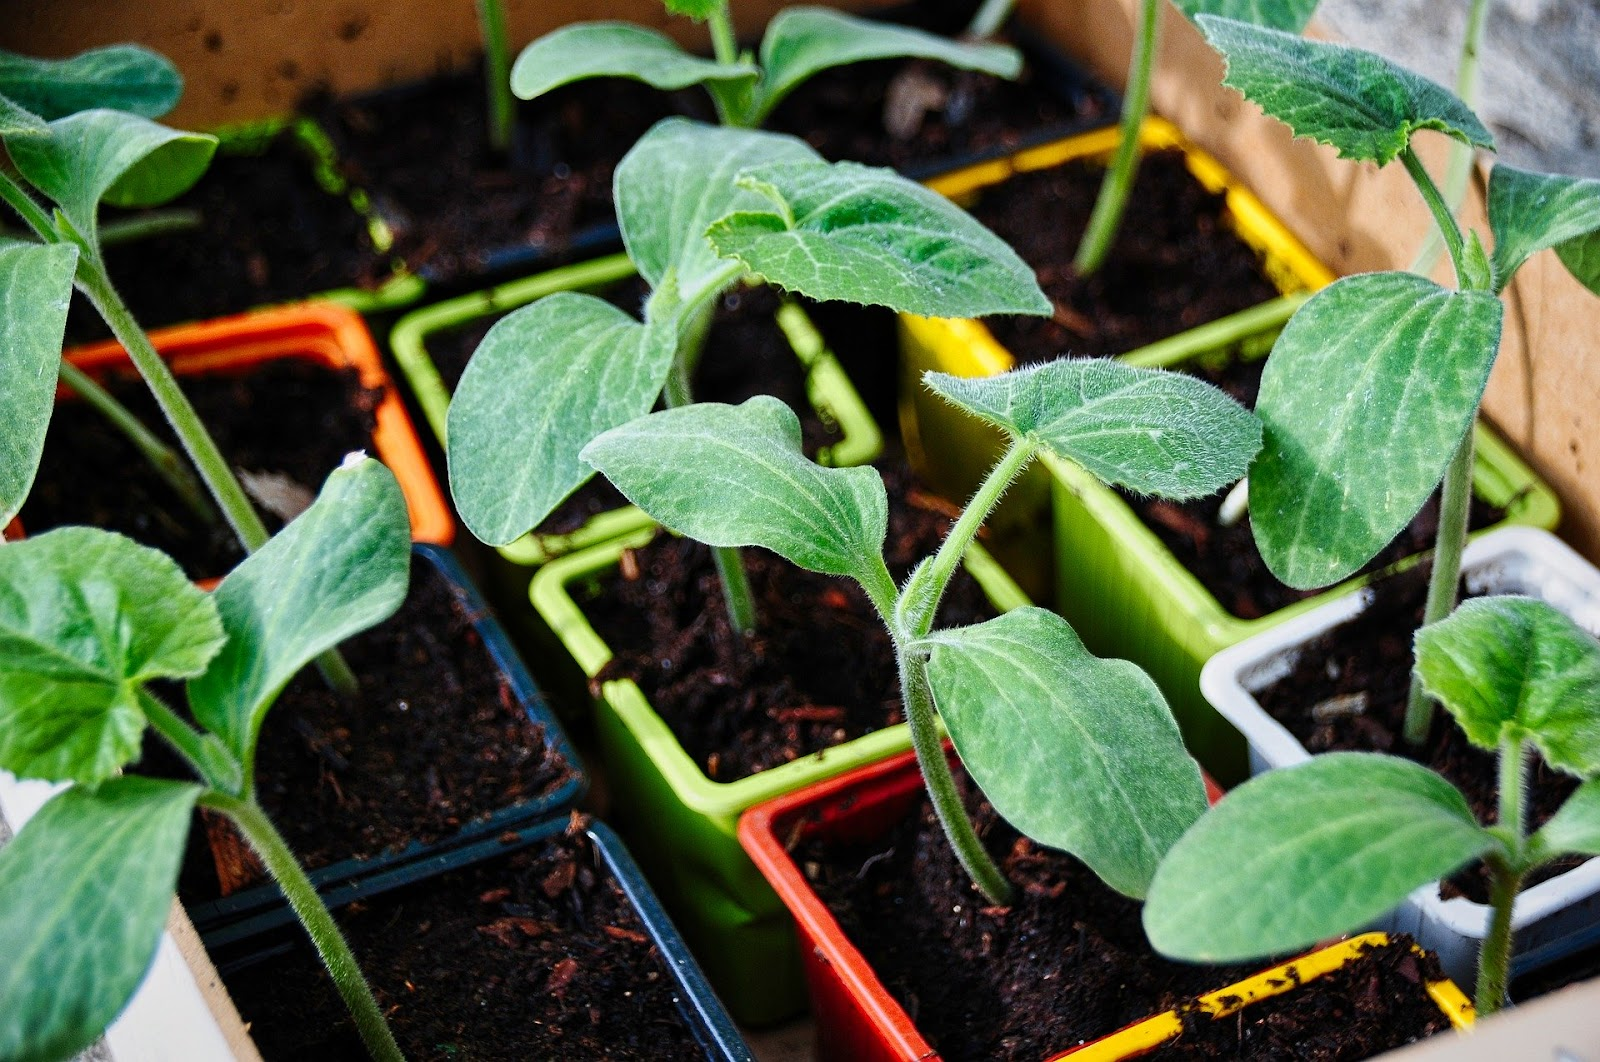 Reutilização de resíduos para fazer adubos é uma maneira de tornar agronegócio sustentável (Fonte: Pixabay)